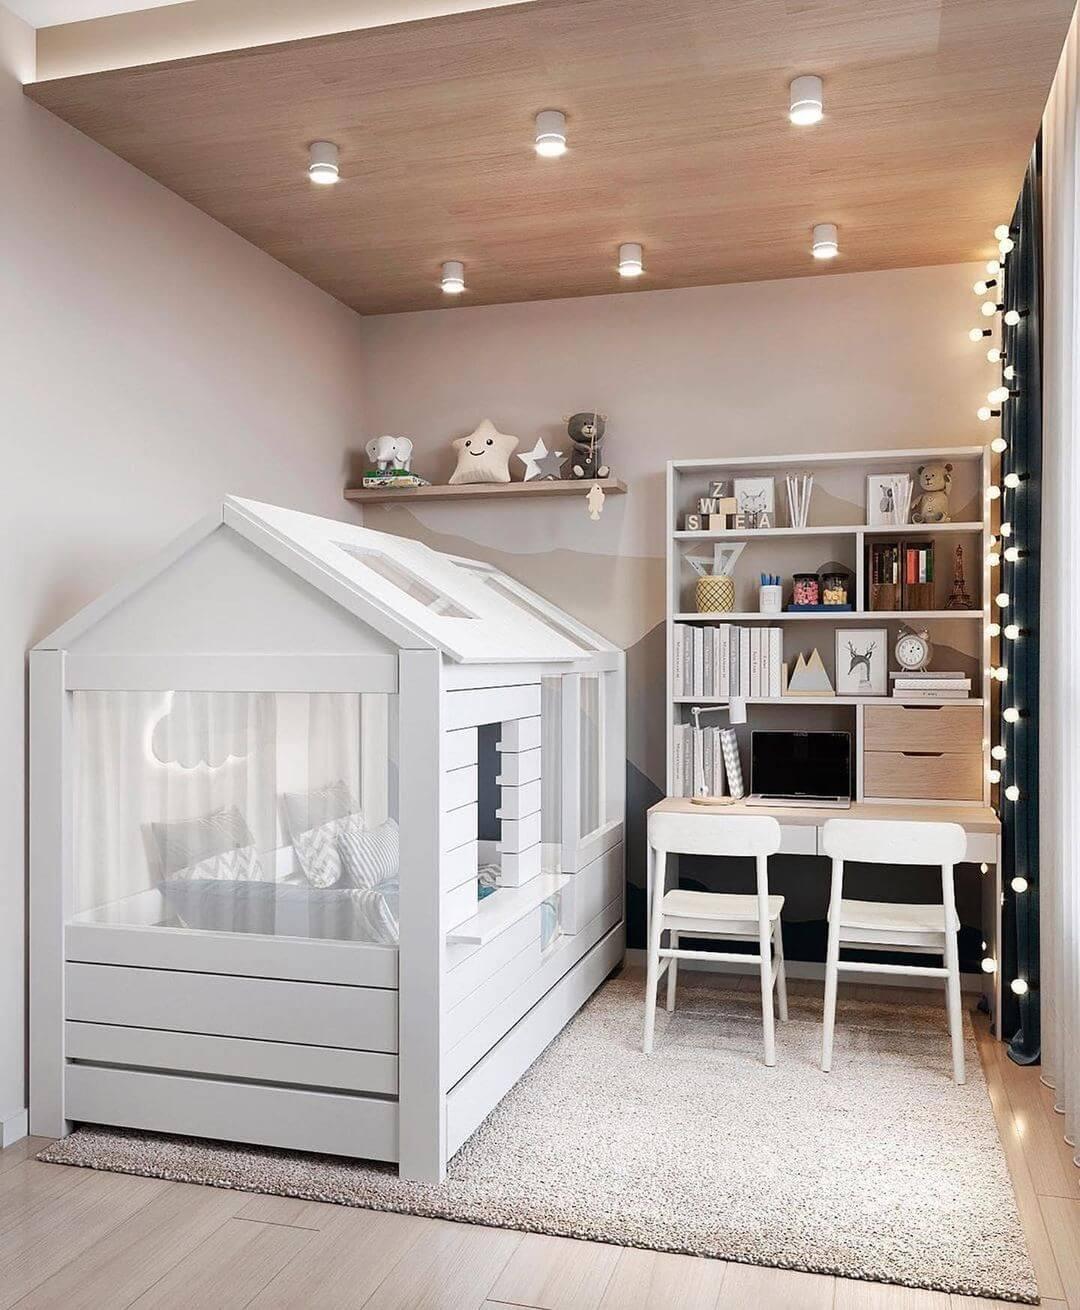 Дизайн комнаты для дошкольника 1